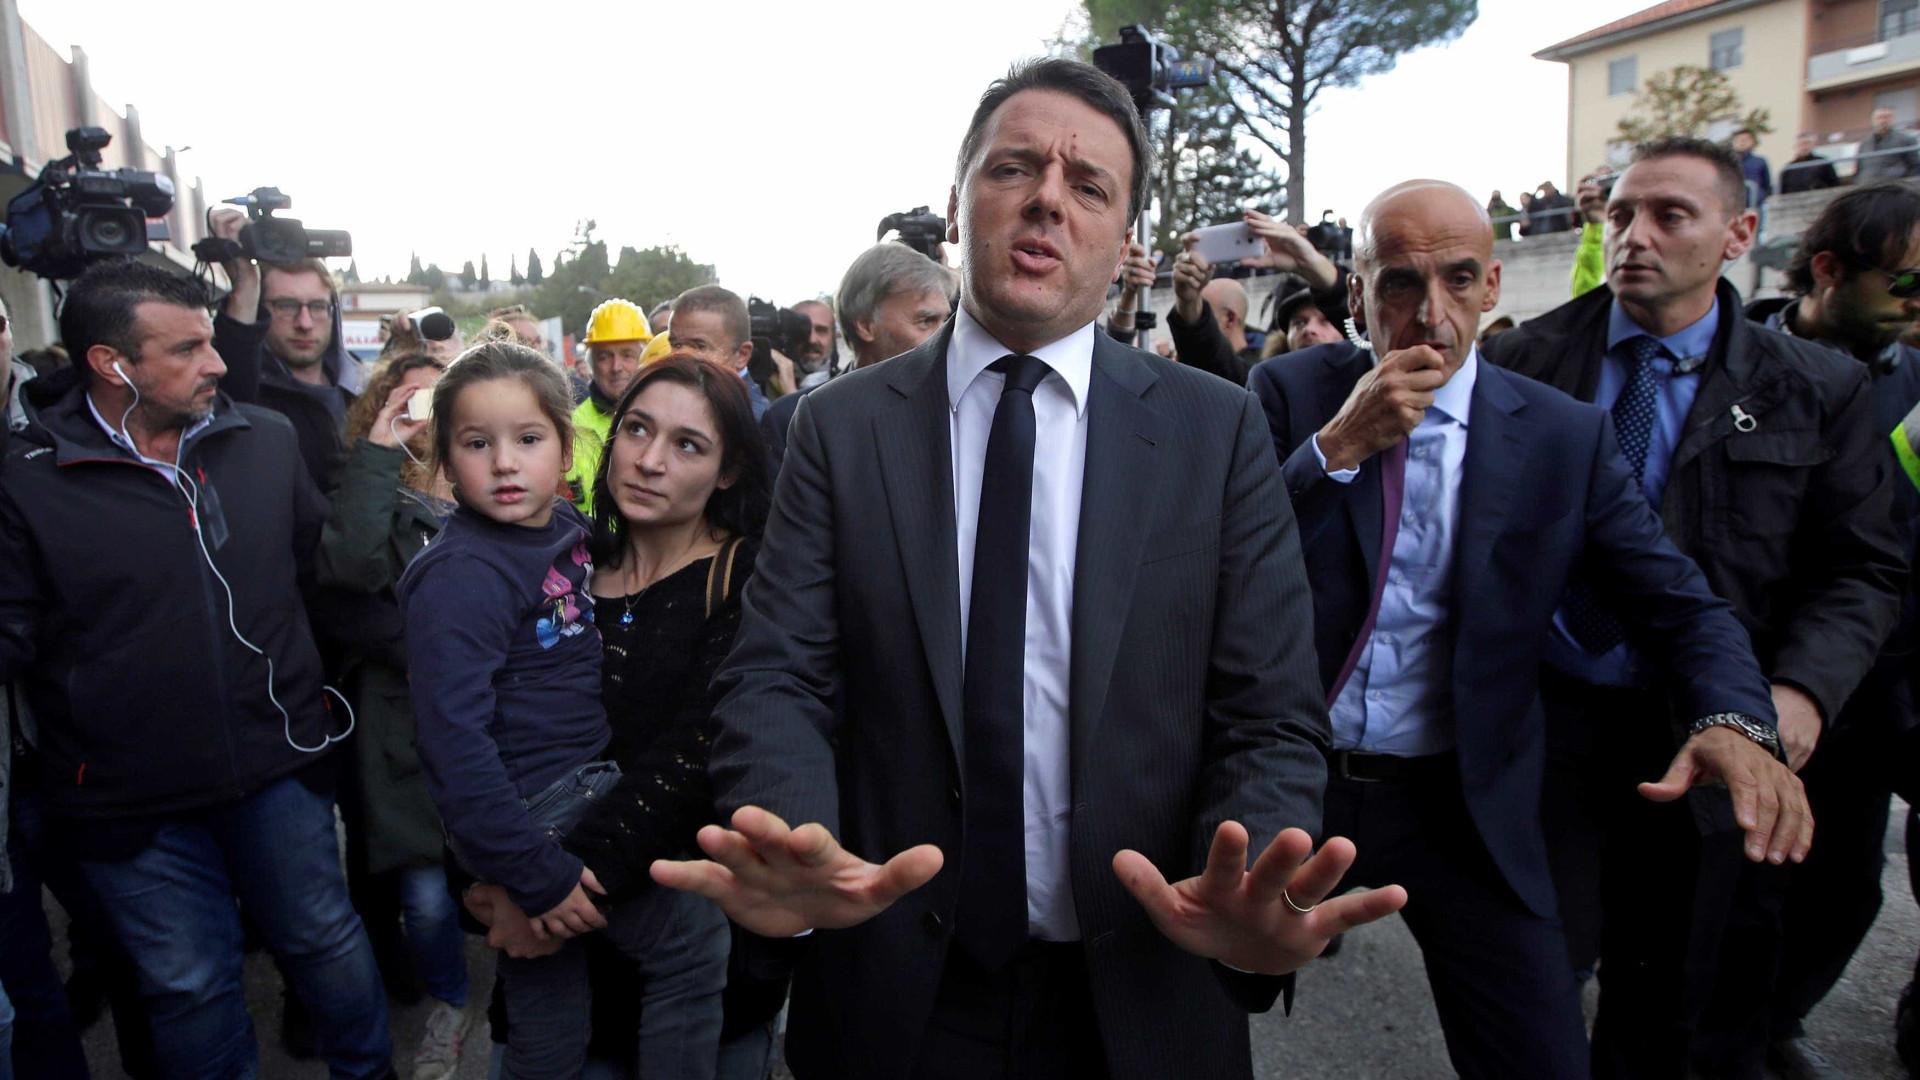 'Itália é mais forte do que o terremoto', diz Renzi